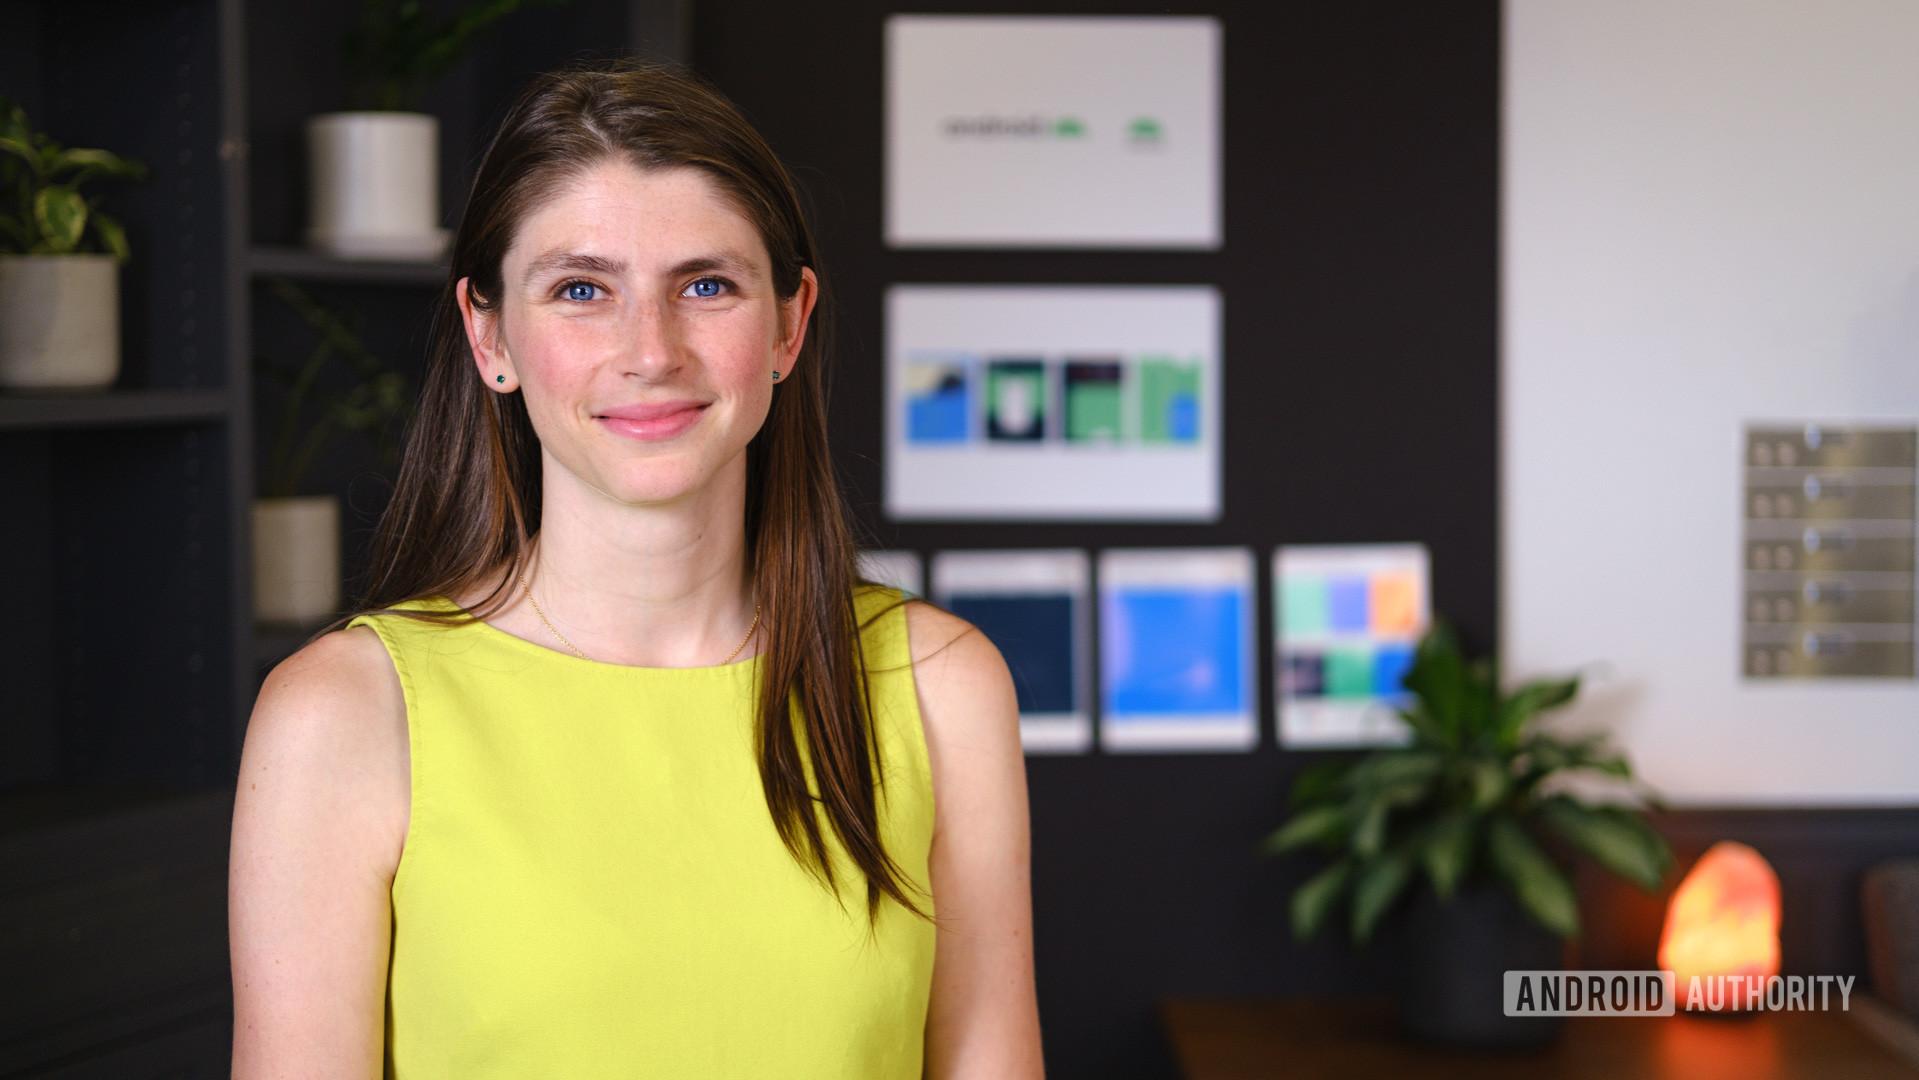 Sydney Thomashow from Google headshot